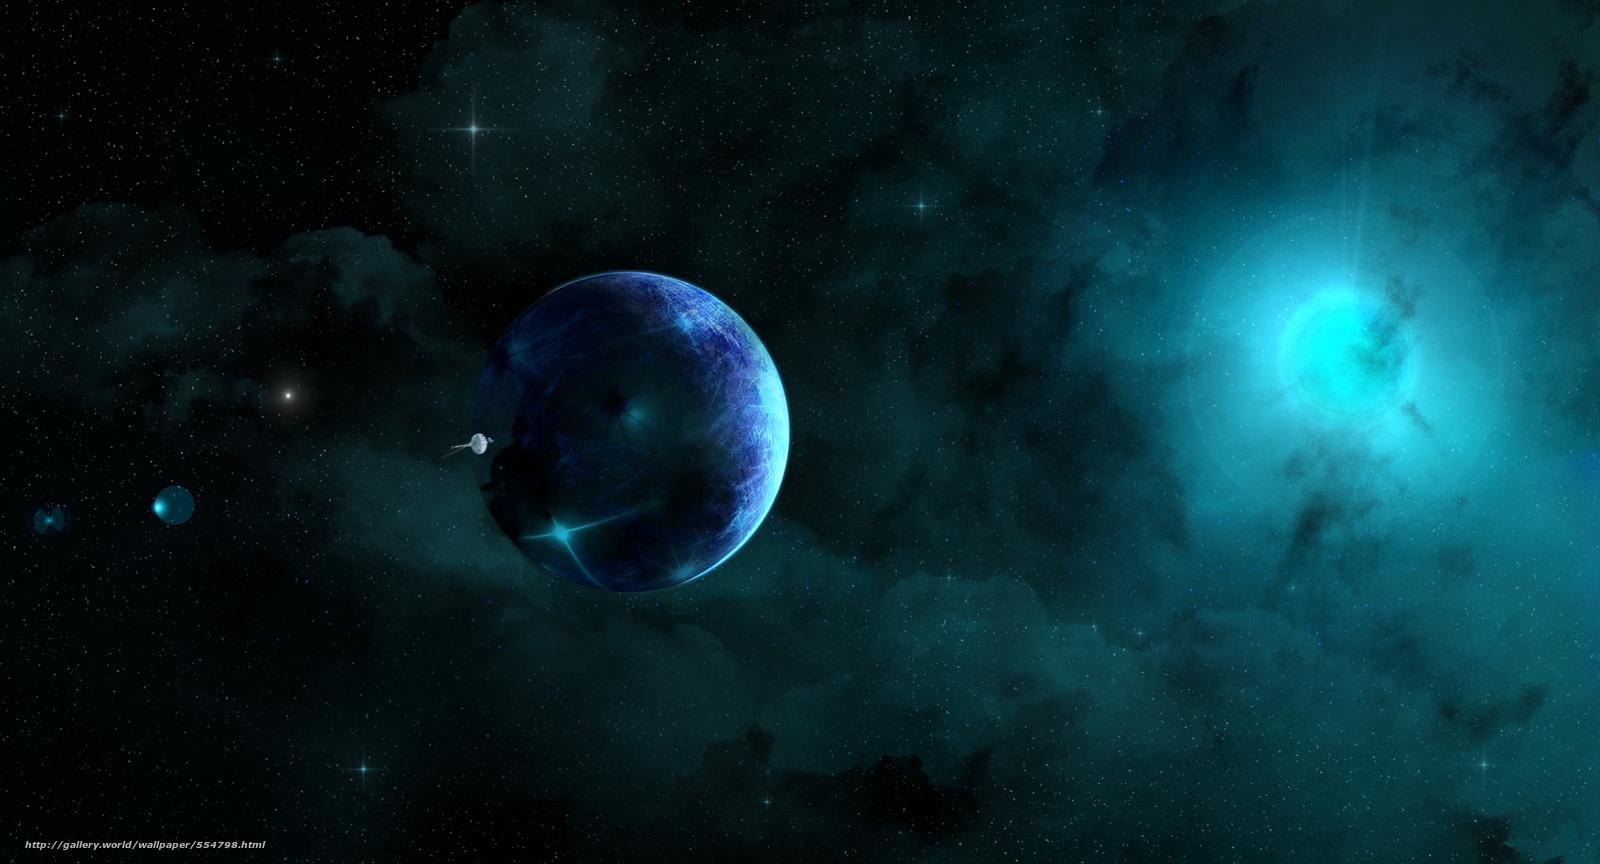 Скачать обои космос,  3d,  art бесплатно для рабочего стола в разрешении 2000x1080 — картинка №554798